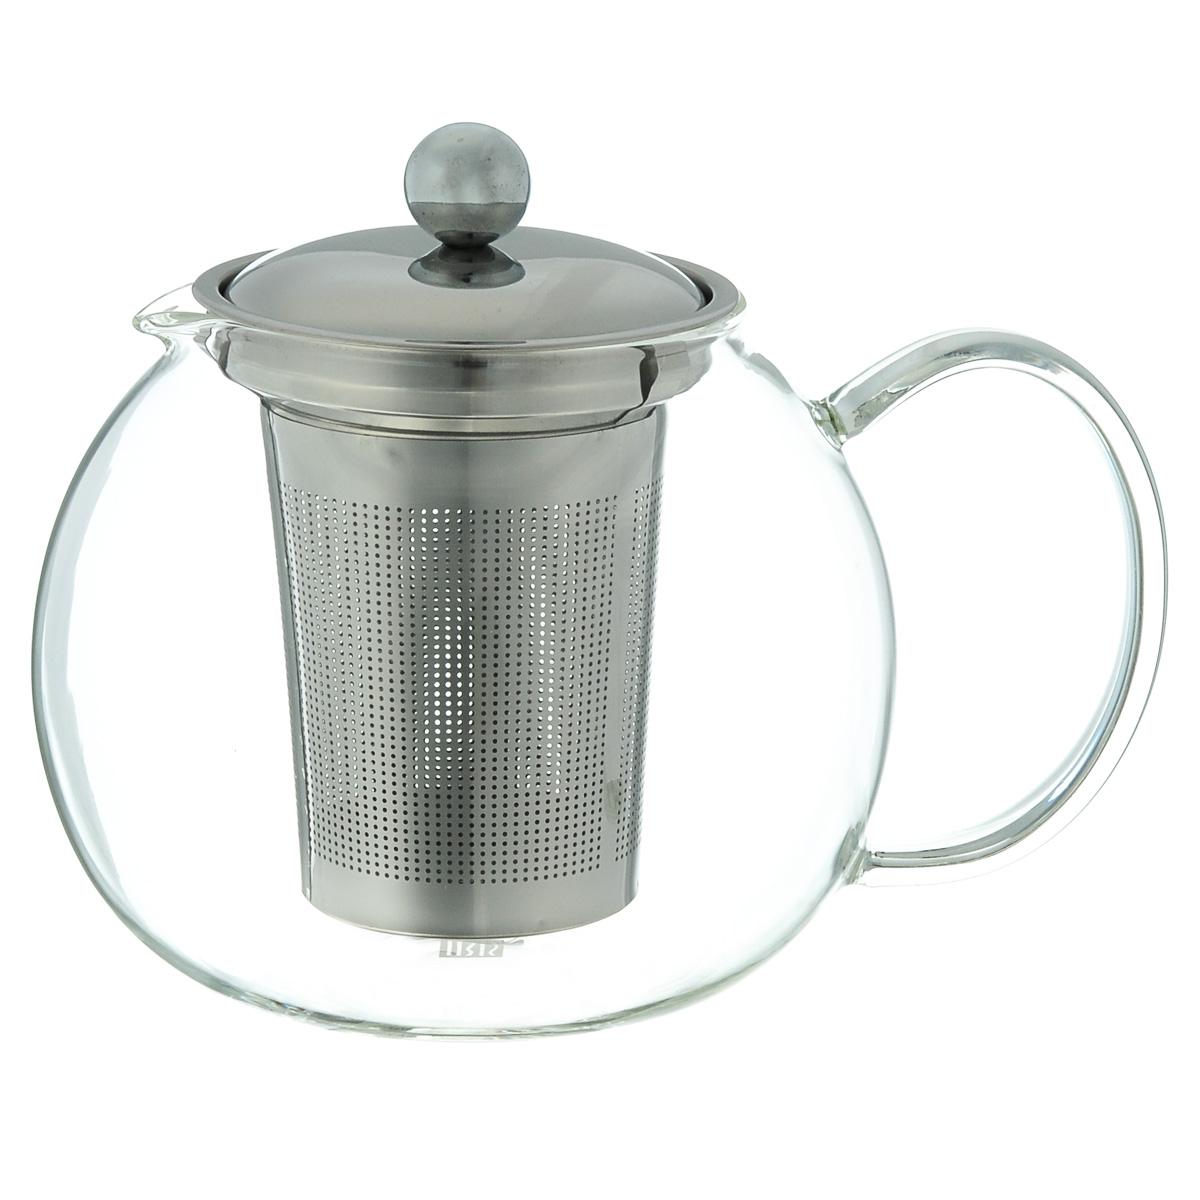 Чайник заварочный Iris Barcelona, 1,3 л54 009312Заварочный чайник Iris Barcelona изготовлен из боросиликатного стекла, которое отличается прочностью и устойчивостью к высоким температурам. Чайник оснащен крышкой и ситечком, выполненным из нержавеющей стали 18/8. Чайник предназначен для заварки 6 чашек чая. Можно мыть в посудомоечной машине. Объем: 1,3 л. Диаметр (по верхнему краю): 9 см. Высота (без учета крышки): 12,5 см.